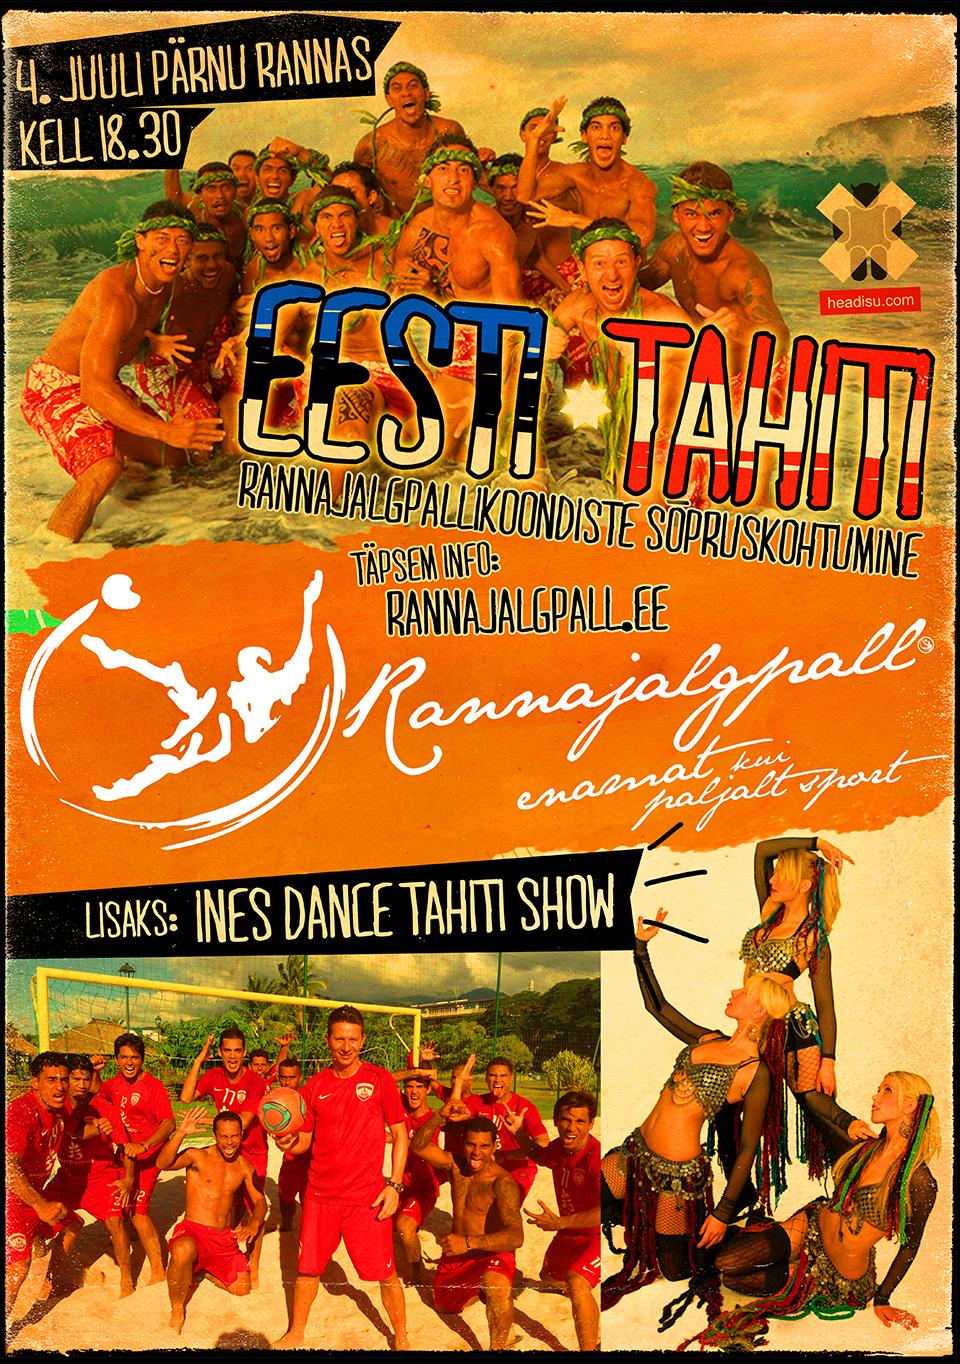 Rannajalgpall-poster-6